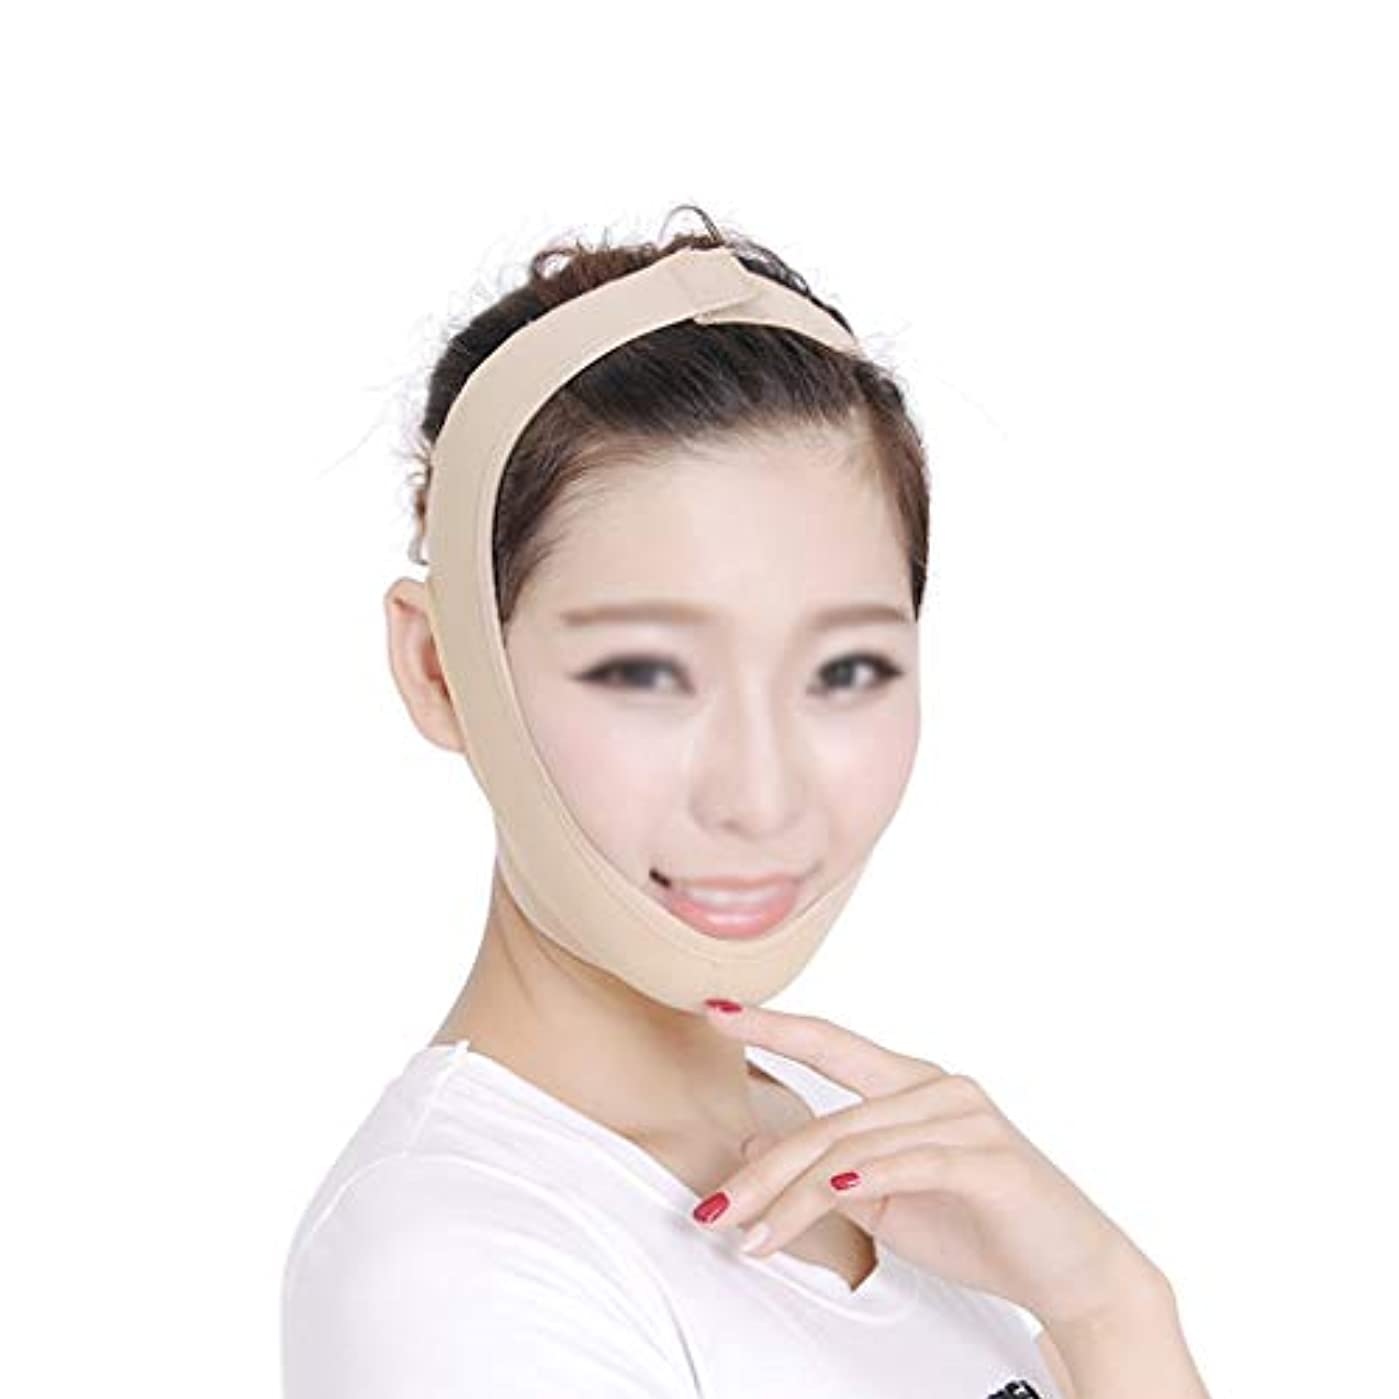 腰ヒロイック呼びかけるLJK 減量の包帯、顔の持ち上がる包帯、二重あごを減らすために持ち上がるベルトを取除く顔の減量のマスクの持ち上がる表面、フェイスマスク、二重あご (Color : Yellow pink, Size : XXL)